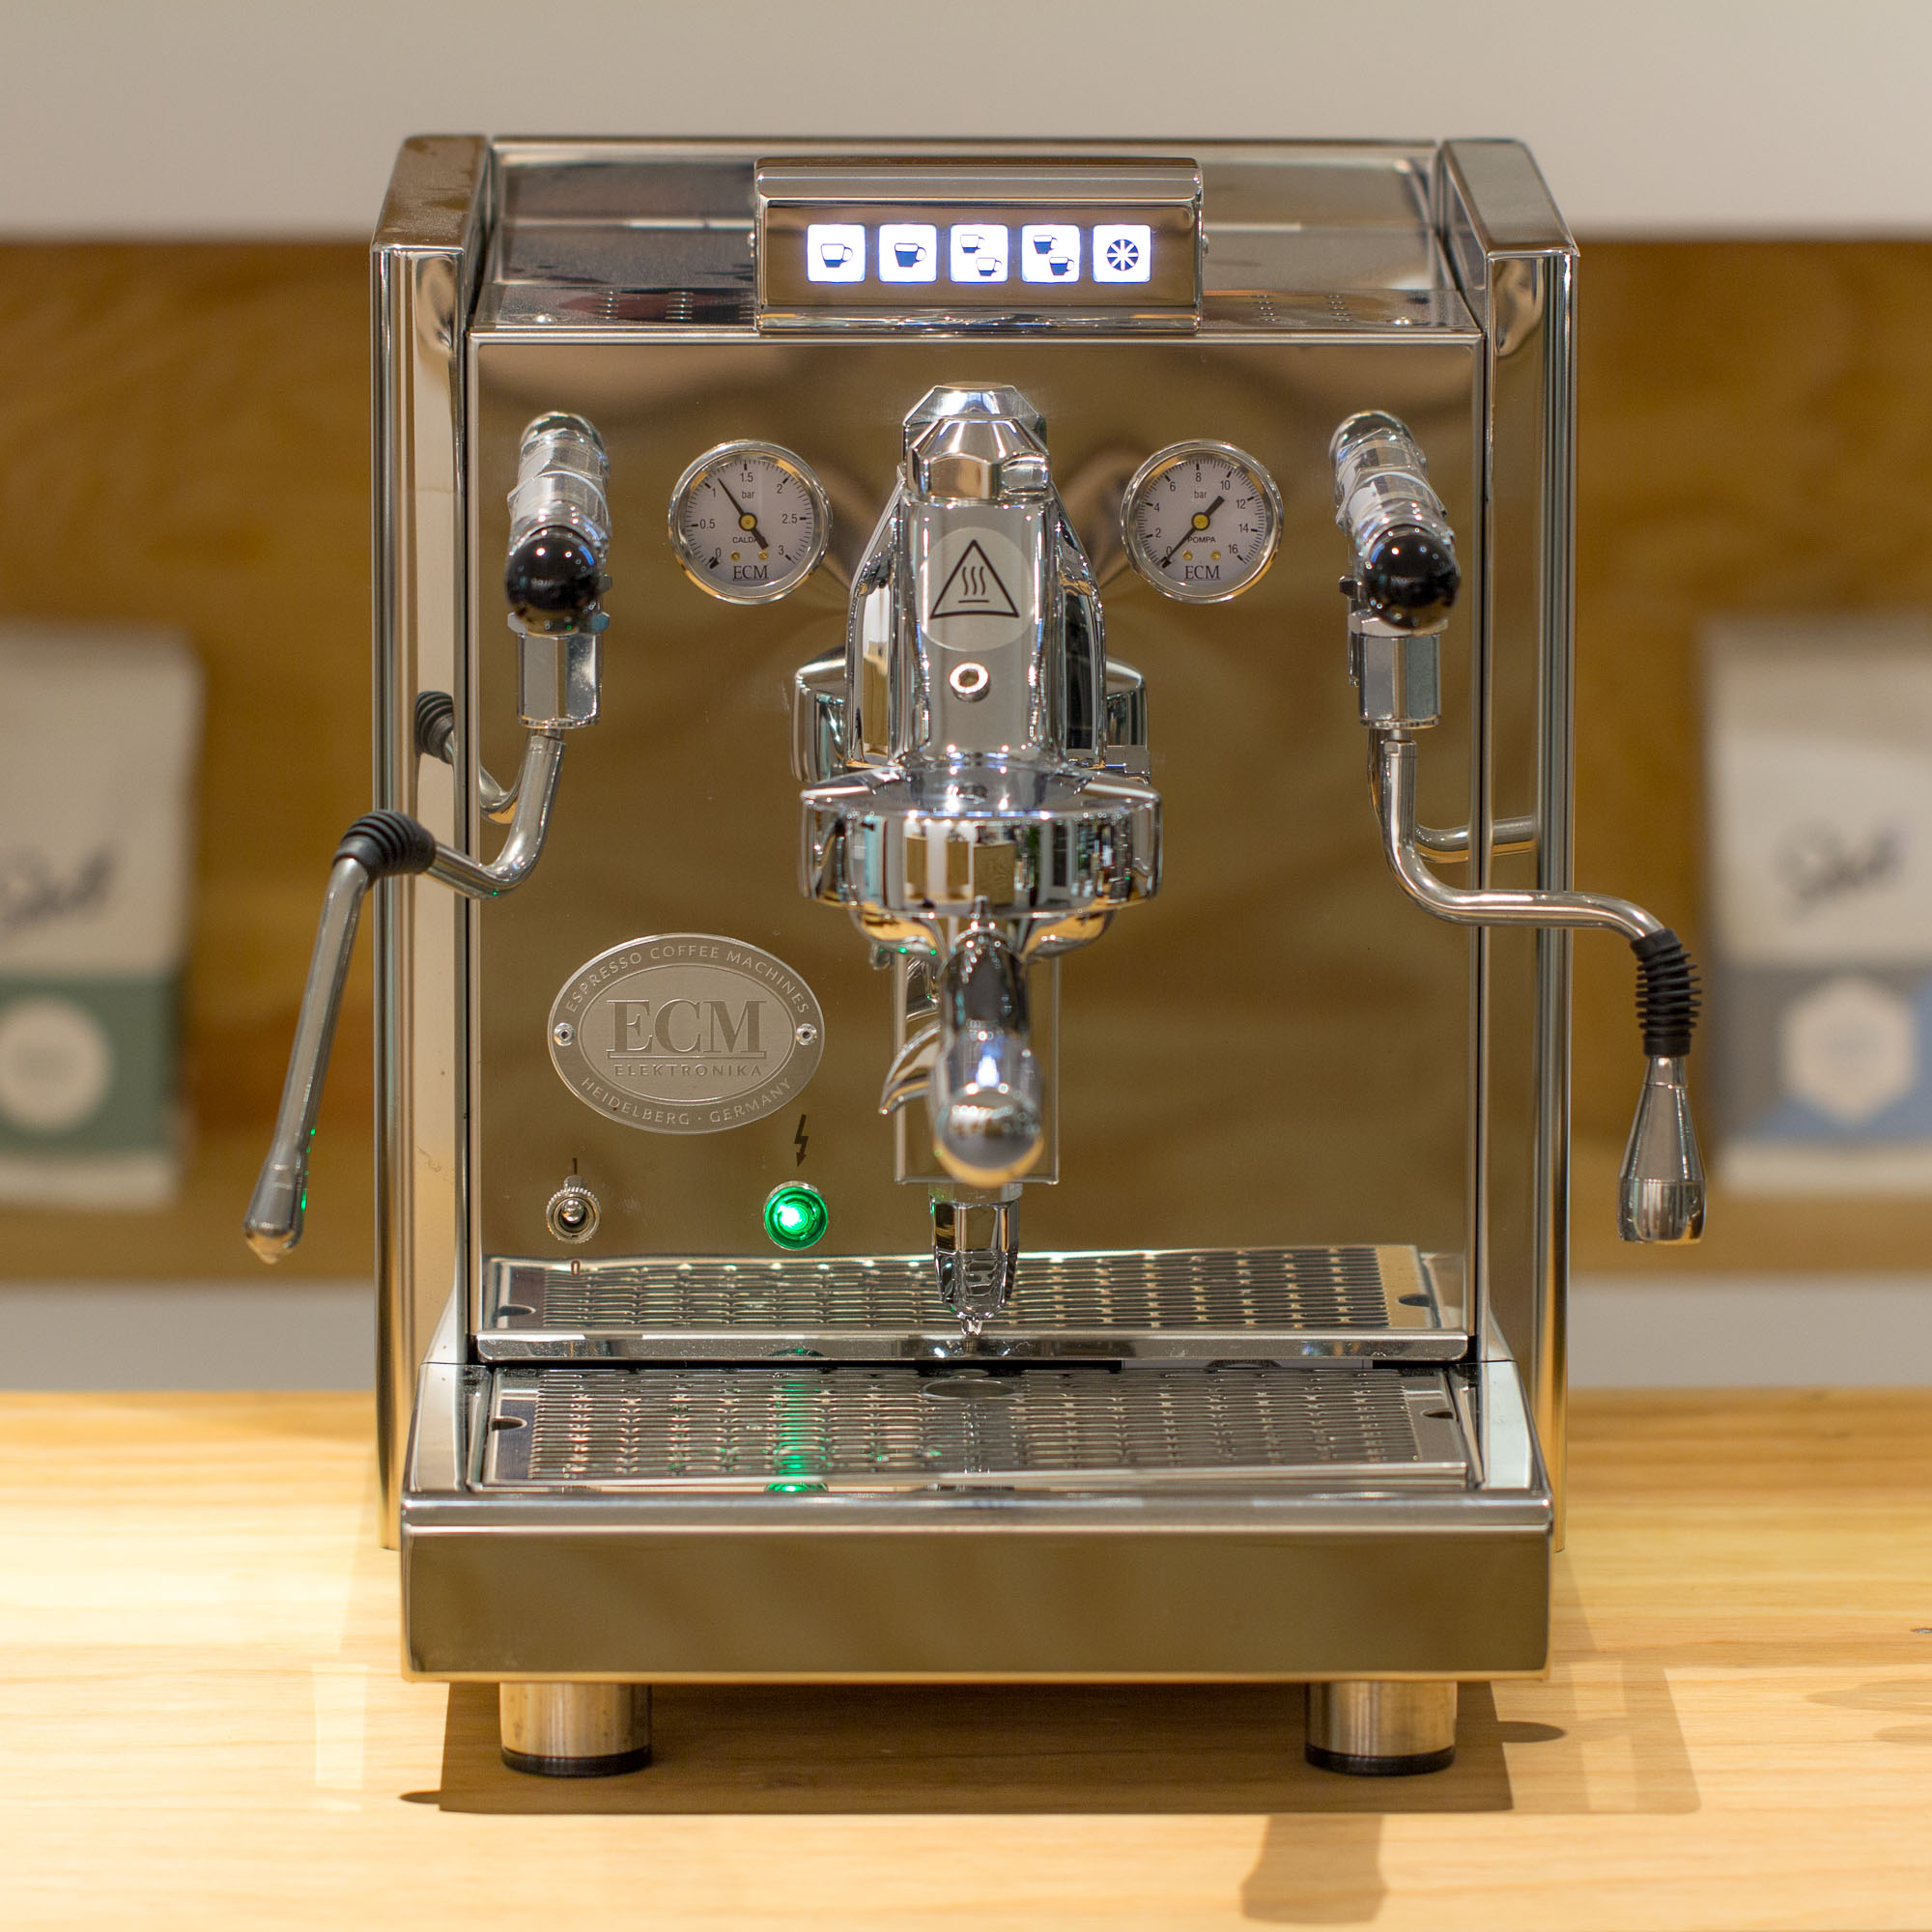 produktvergleich kaffeewerkstadt z rich kaffeemaschinen und spezialit tenkaffee. Black Bedroom Furniture Sets. Home Design Ideas